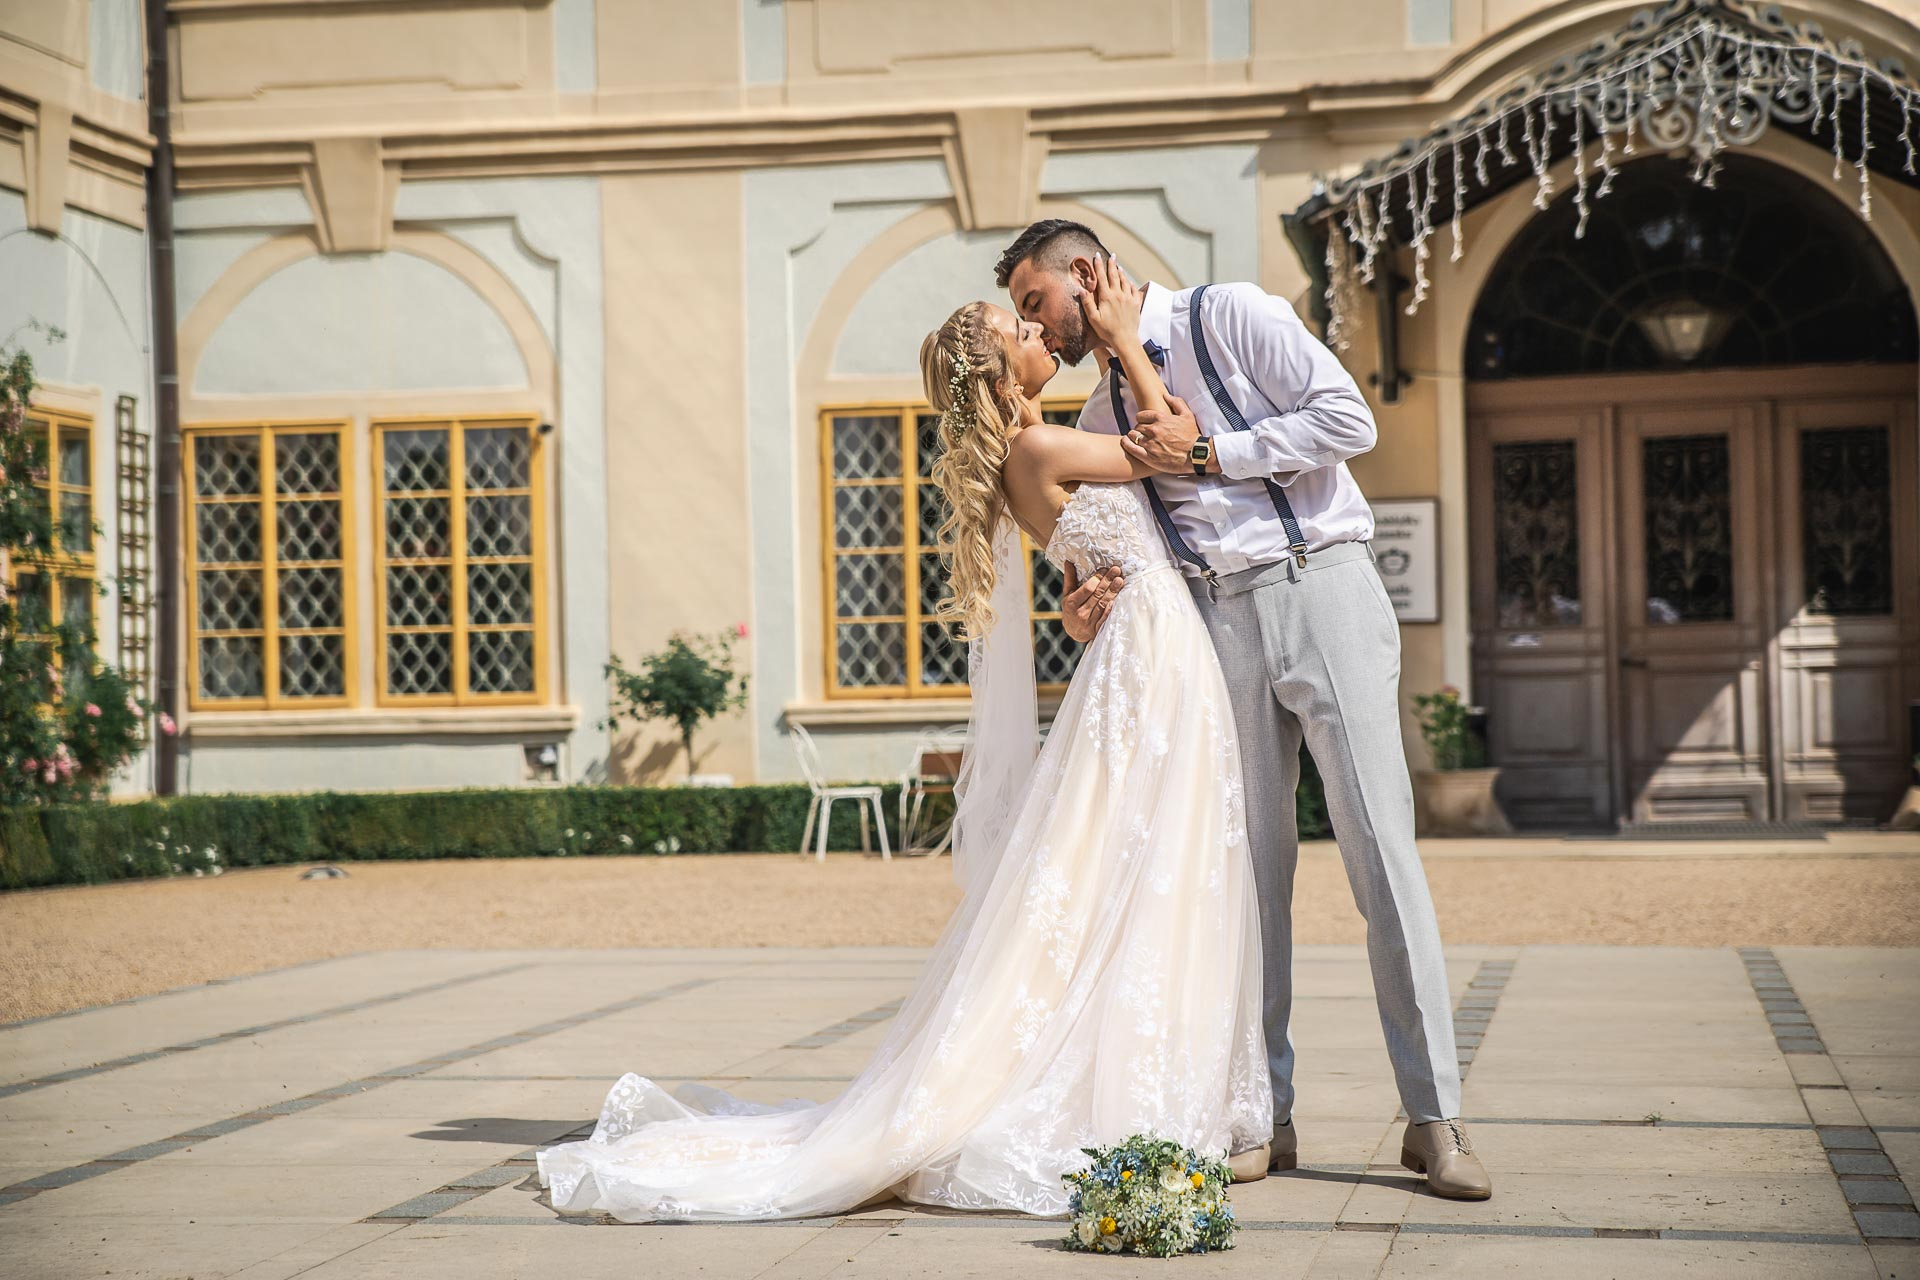 svatební-fotograf-zámek-Loučeň-svatební-video-zámek-Loučeň-4234